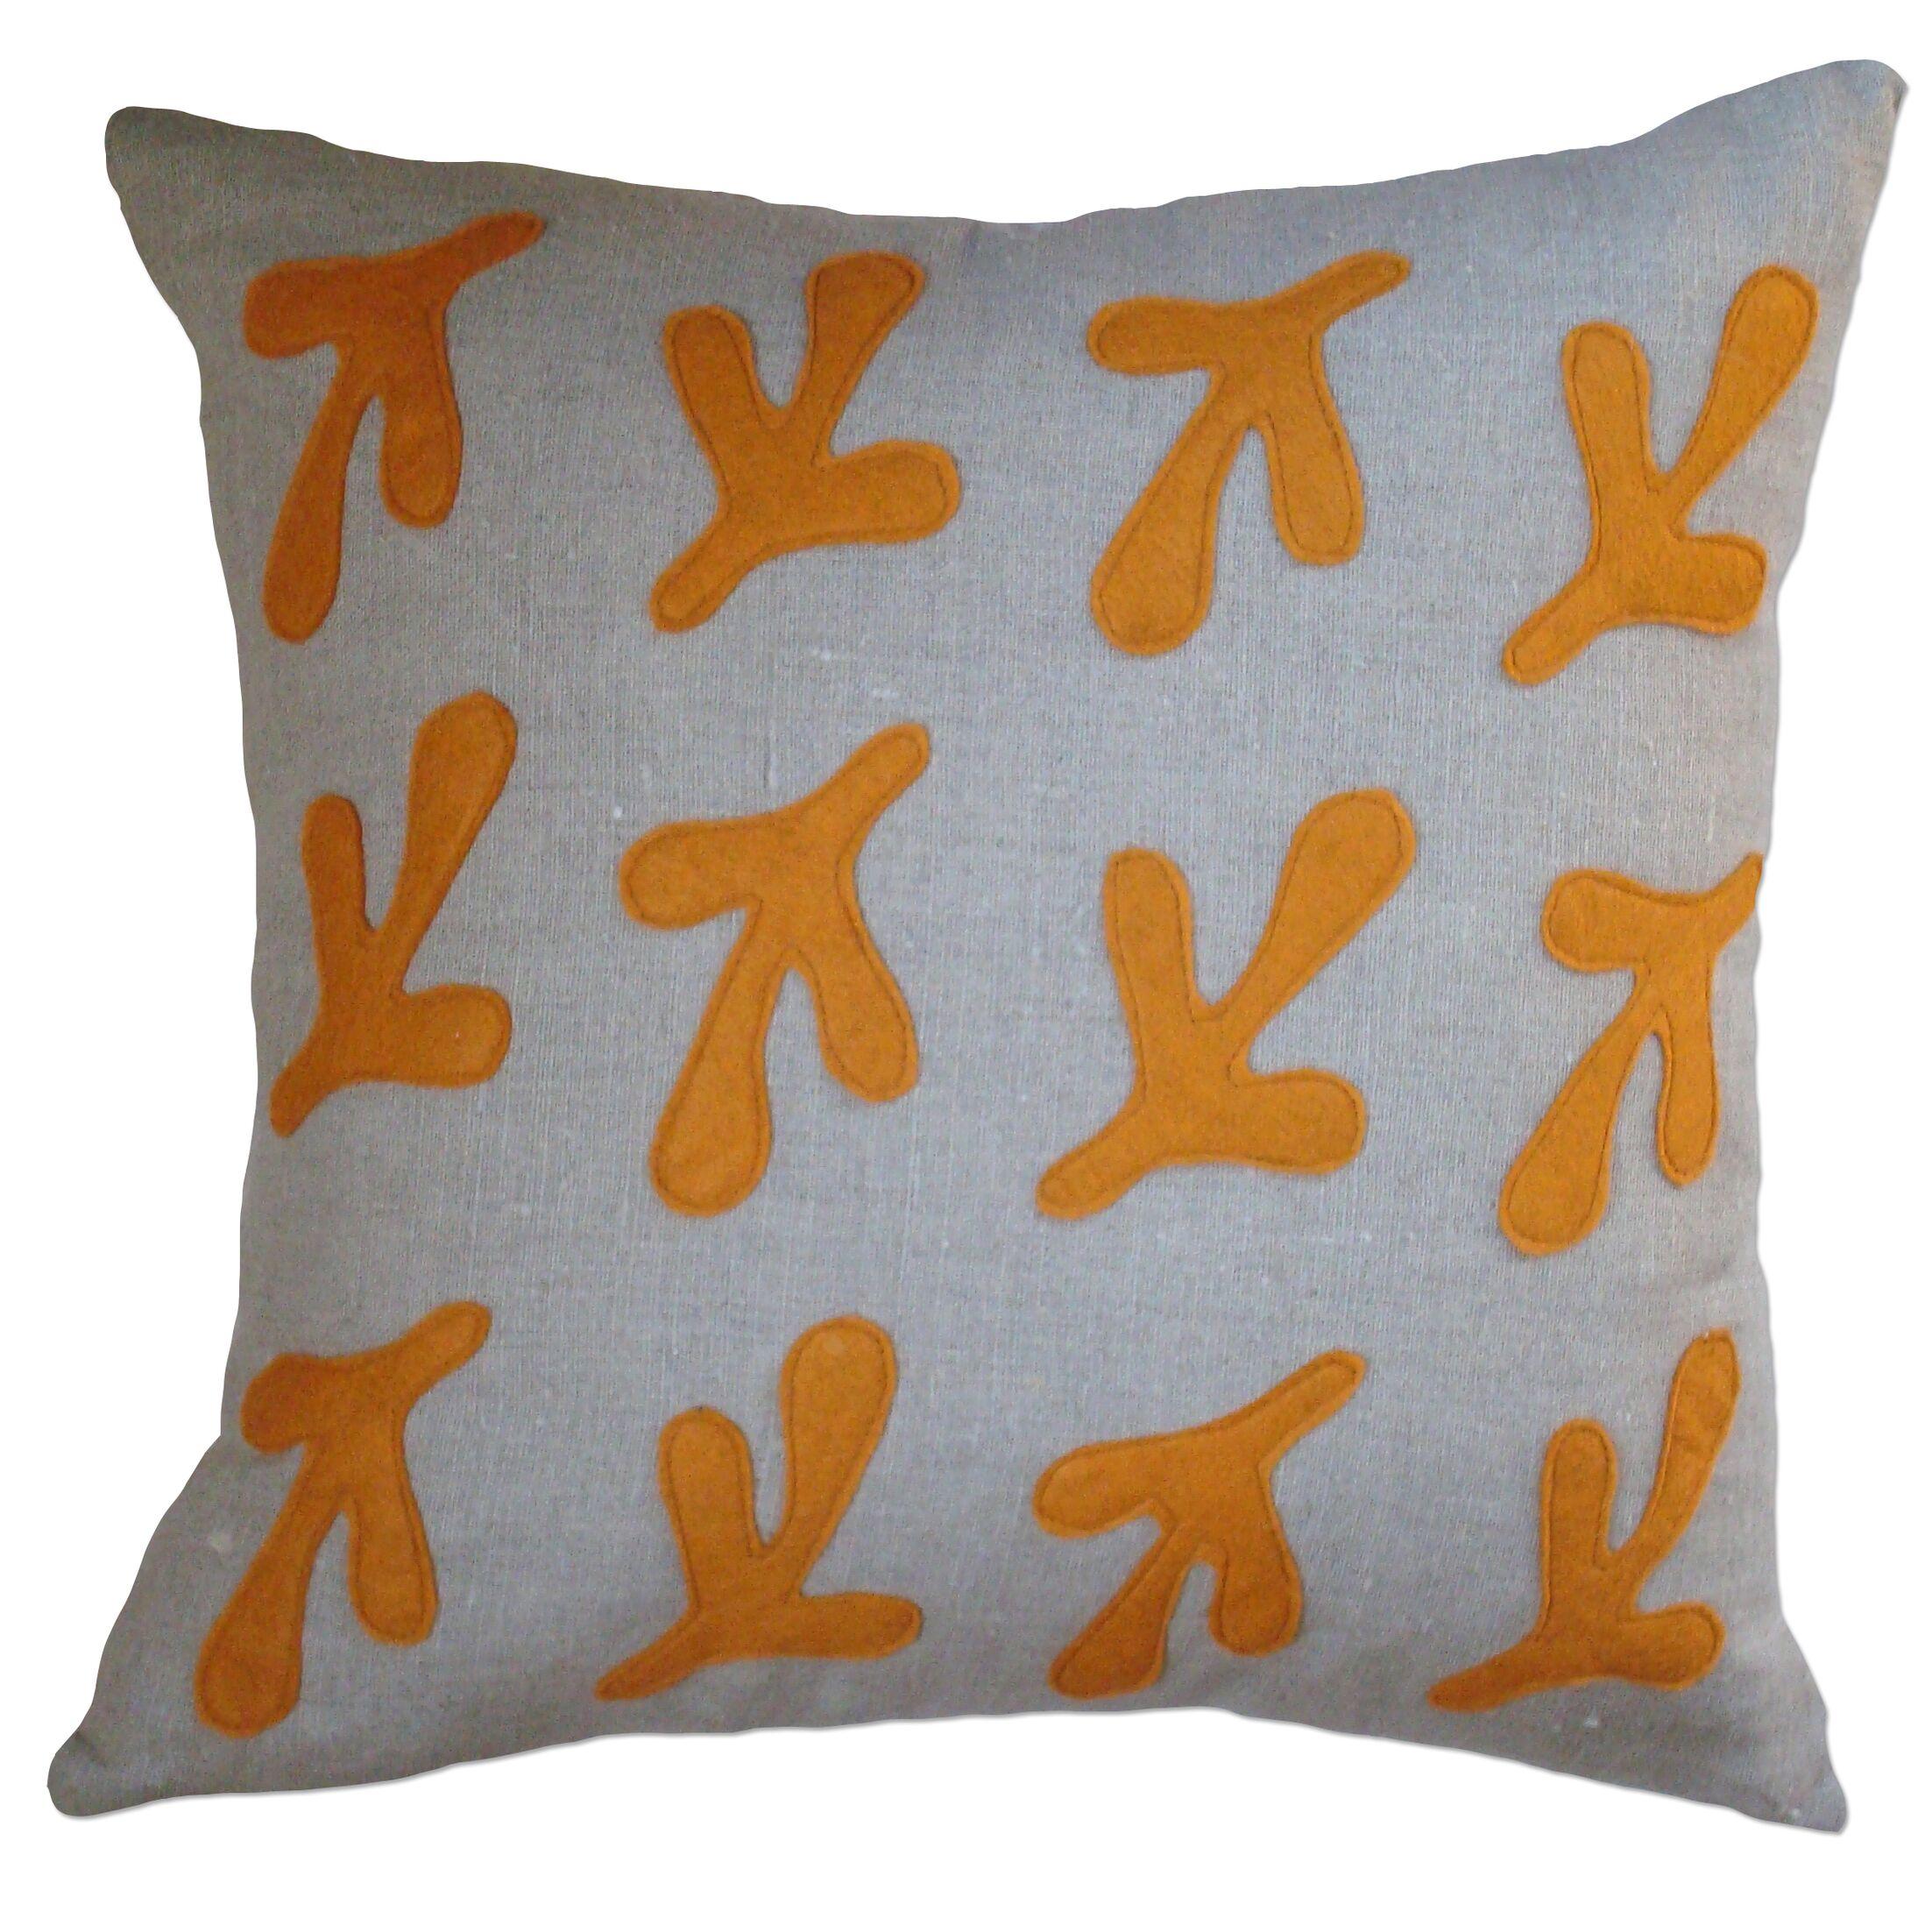 Applique Bird's Feet Linen Throw Pillow Color: Oatmeal Linen Fabric in Spice